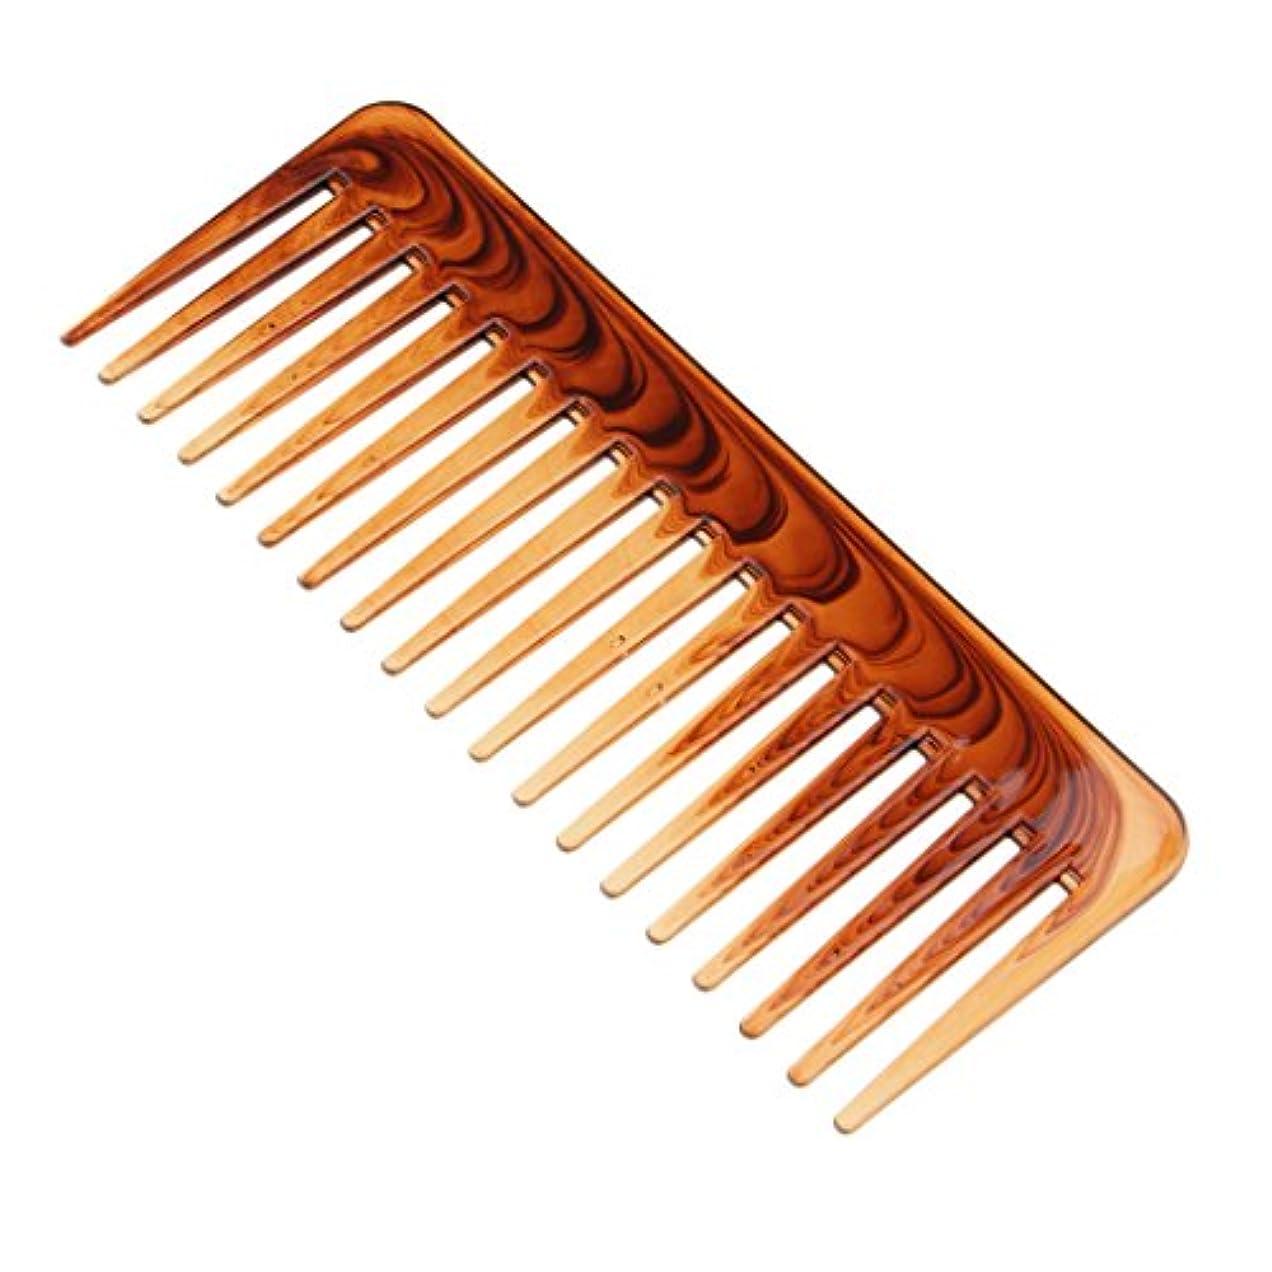 統計窒素精神的にワイド歯ブラシ 髪の櫛 櫛 ヘアブラシ プラスチック製